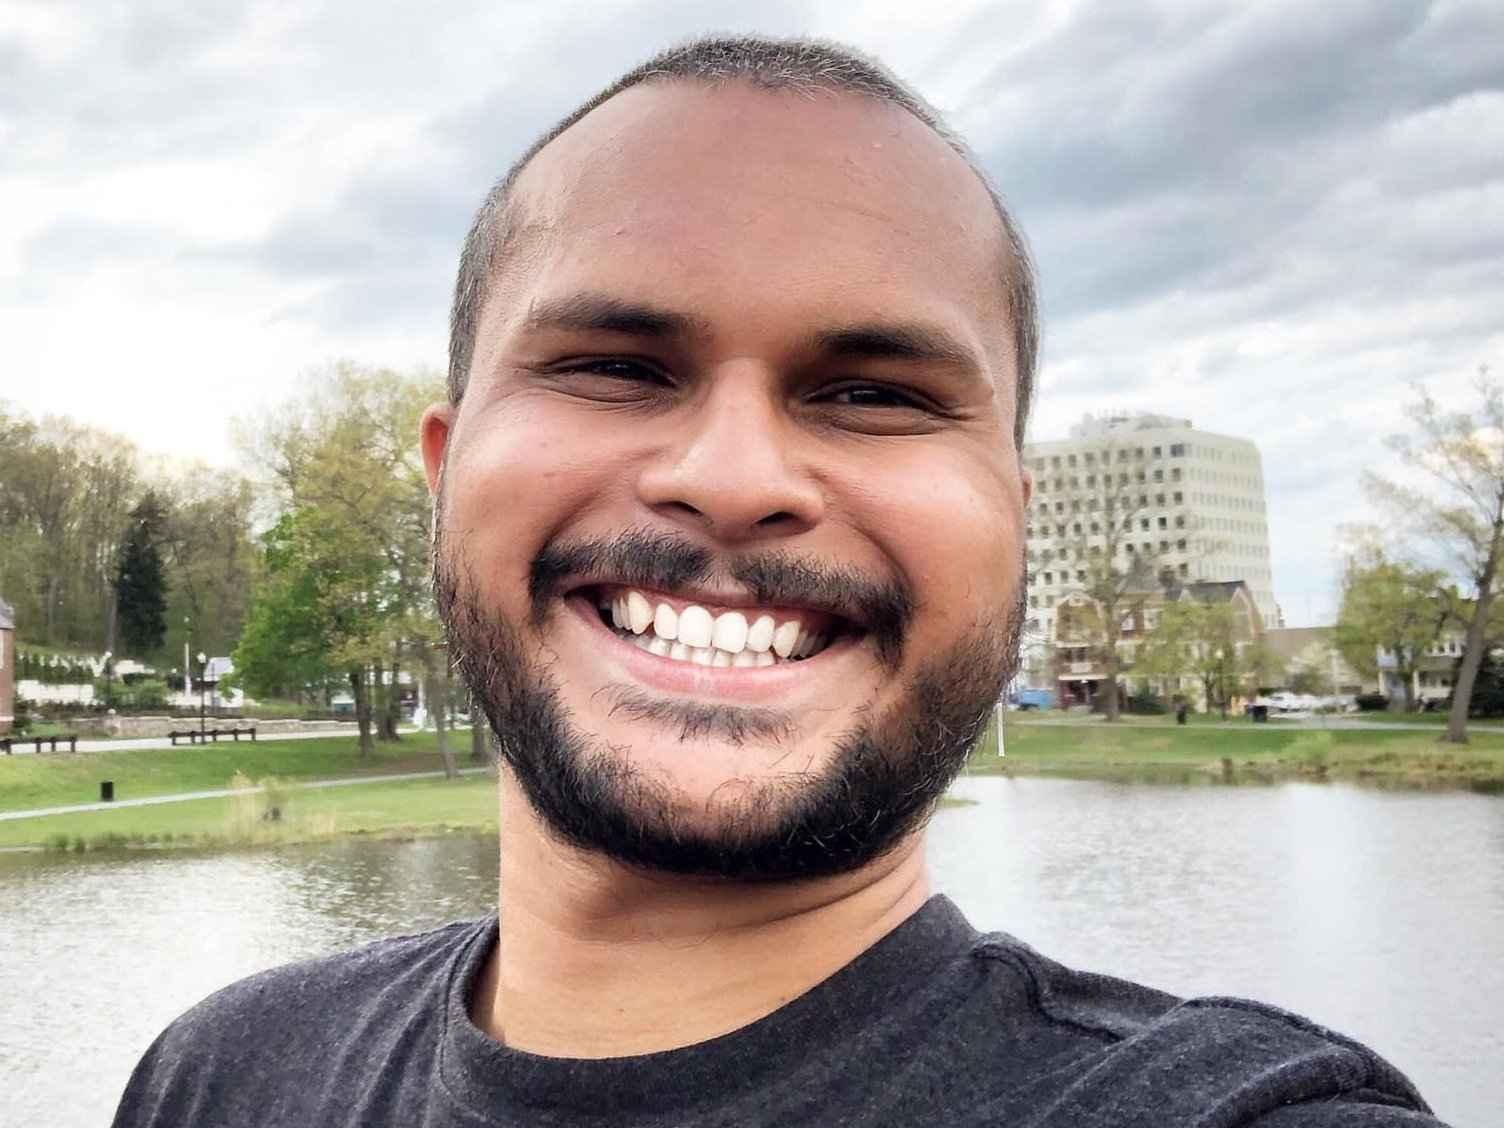 Muhammad é um cara assumidamente gay do Paquistão que agora mora na América